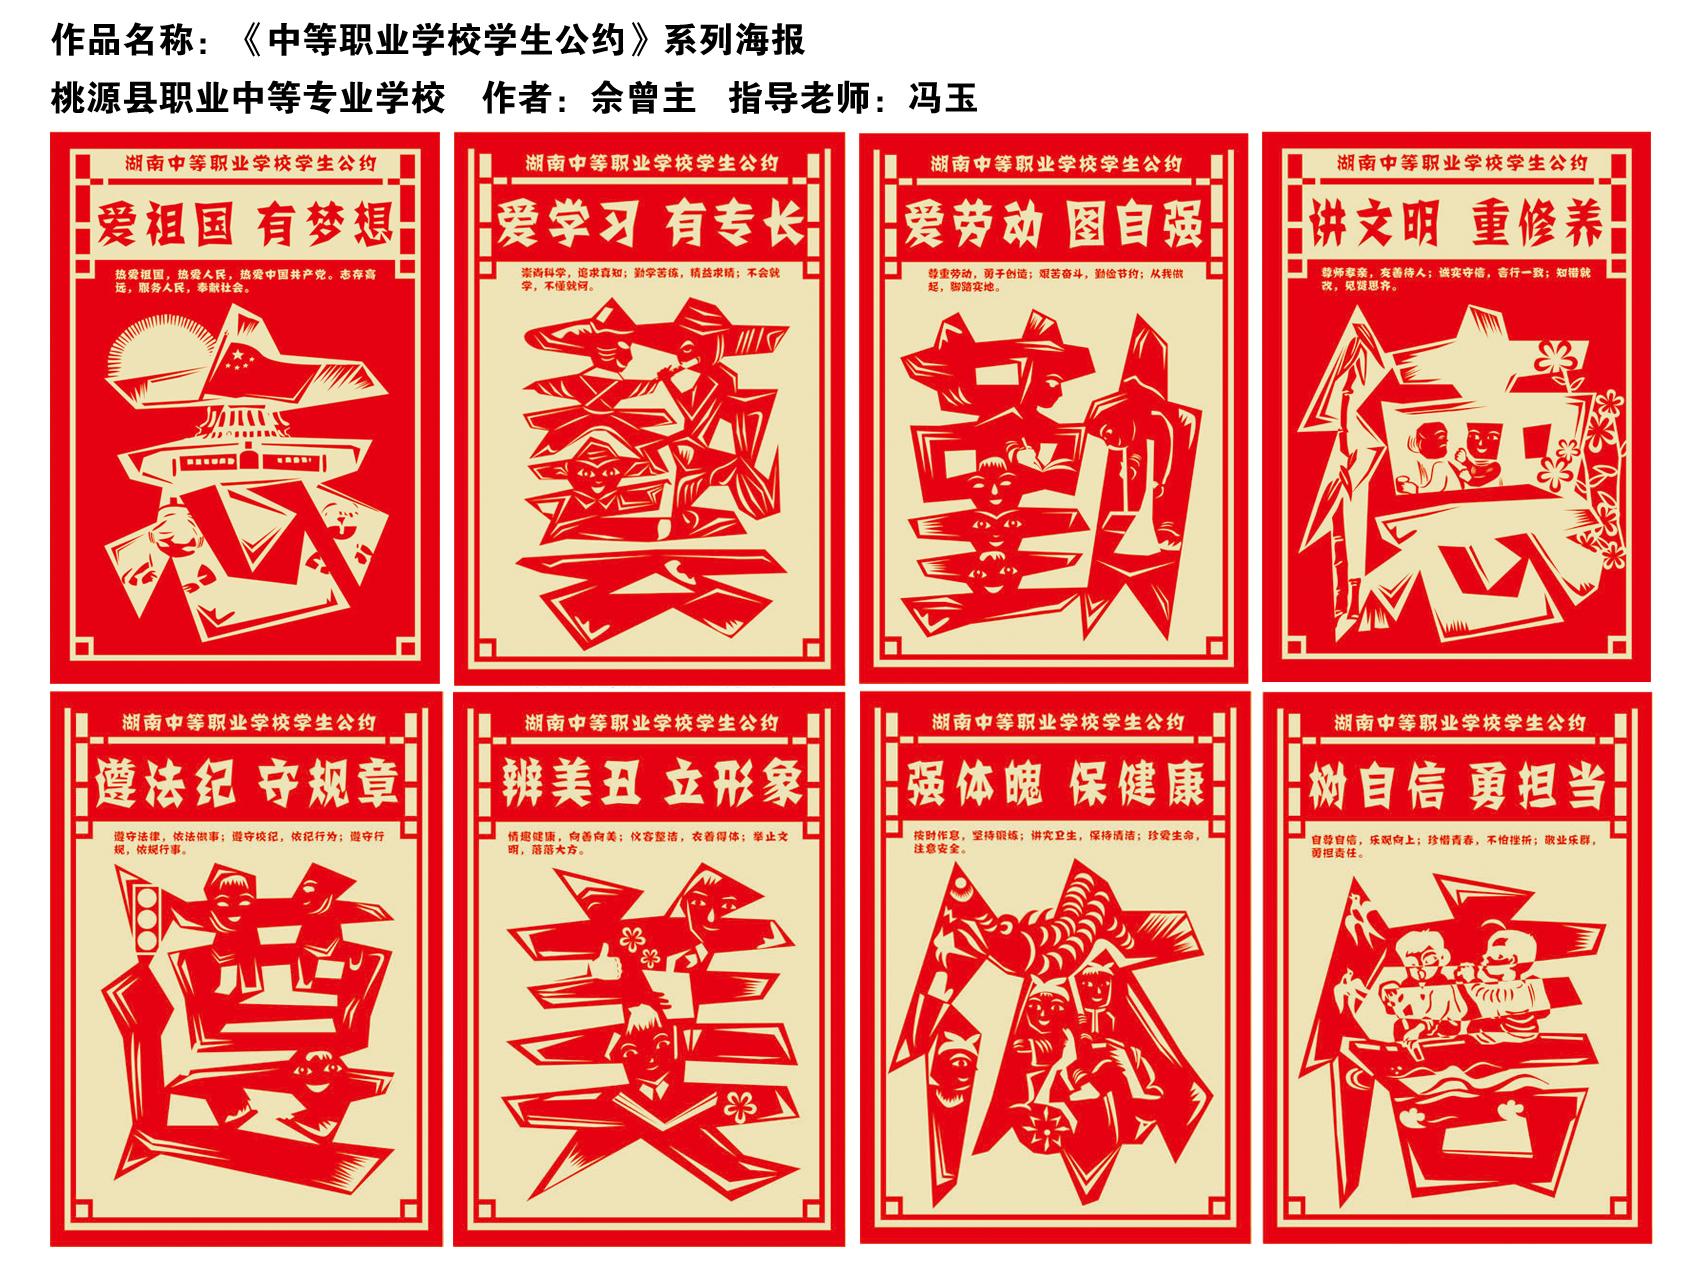 体艺节海报手绘